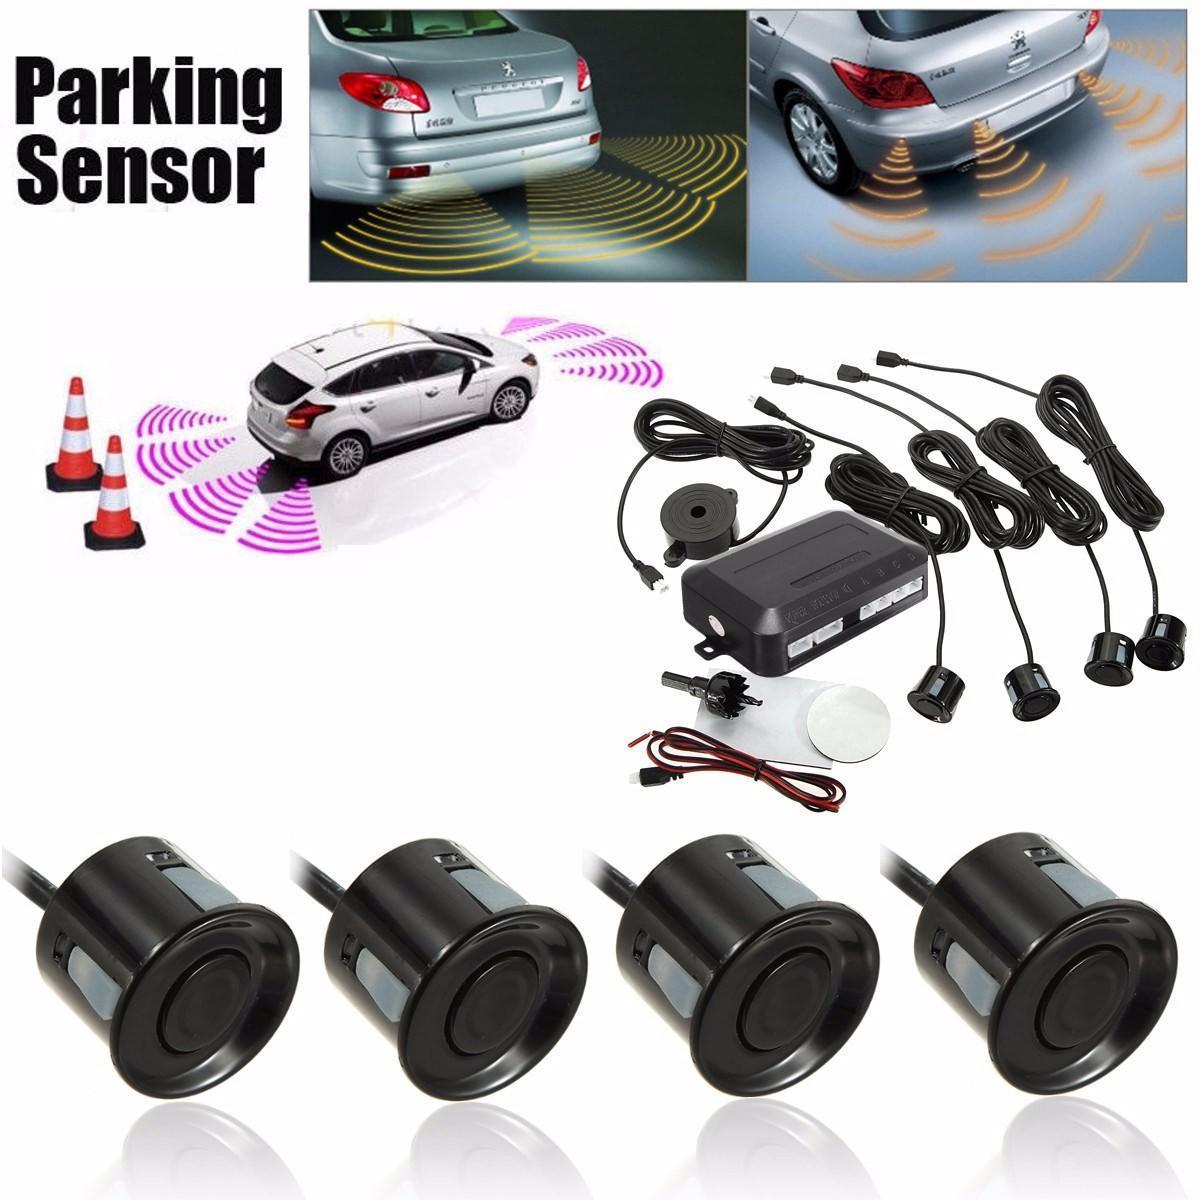 4 парковка датчики автомобиля обратный резервного заднего радар системы звук звуковой сигнал опов... 4 датчики парковки автомобилей резервного обратный радар заднего зуммер сигнализации